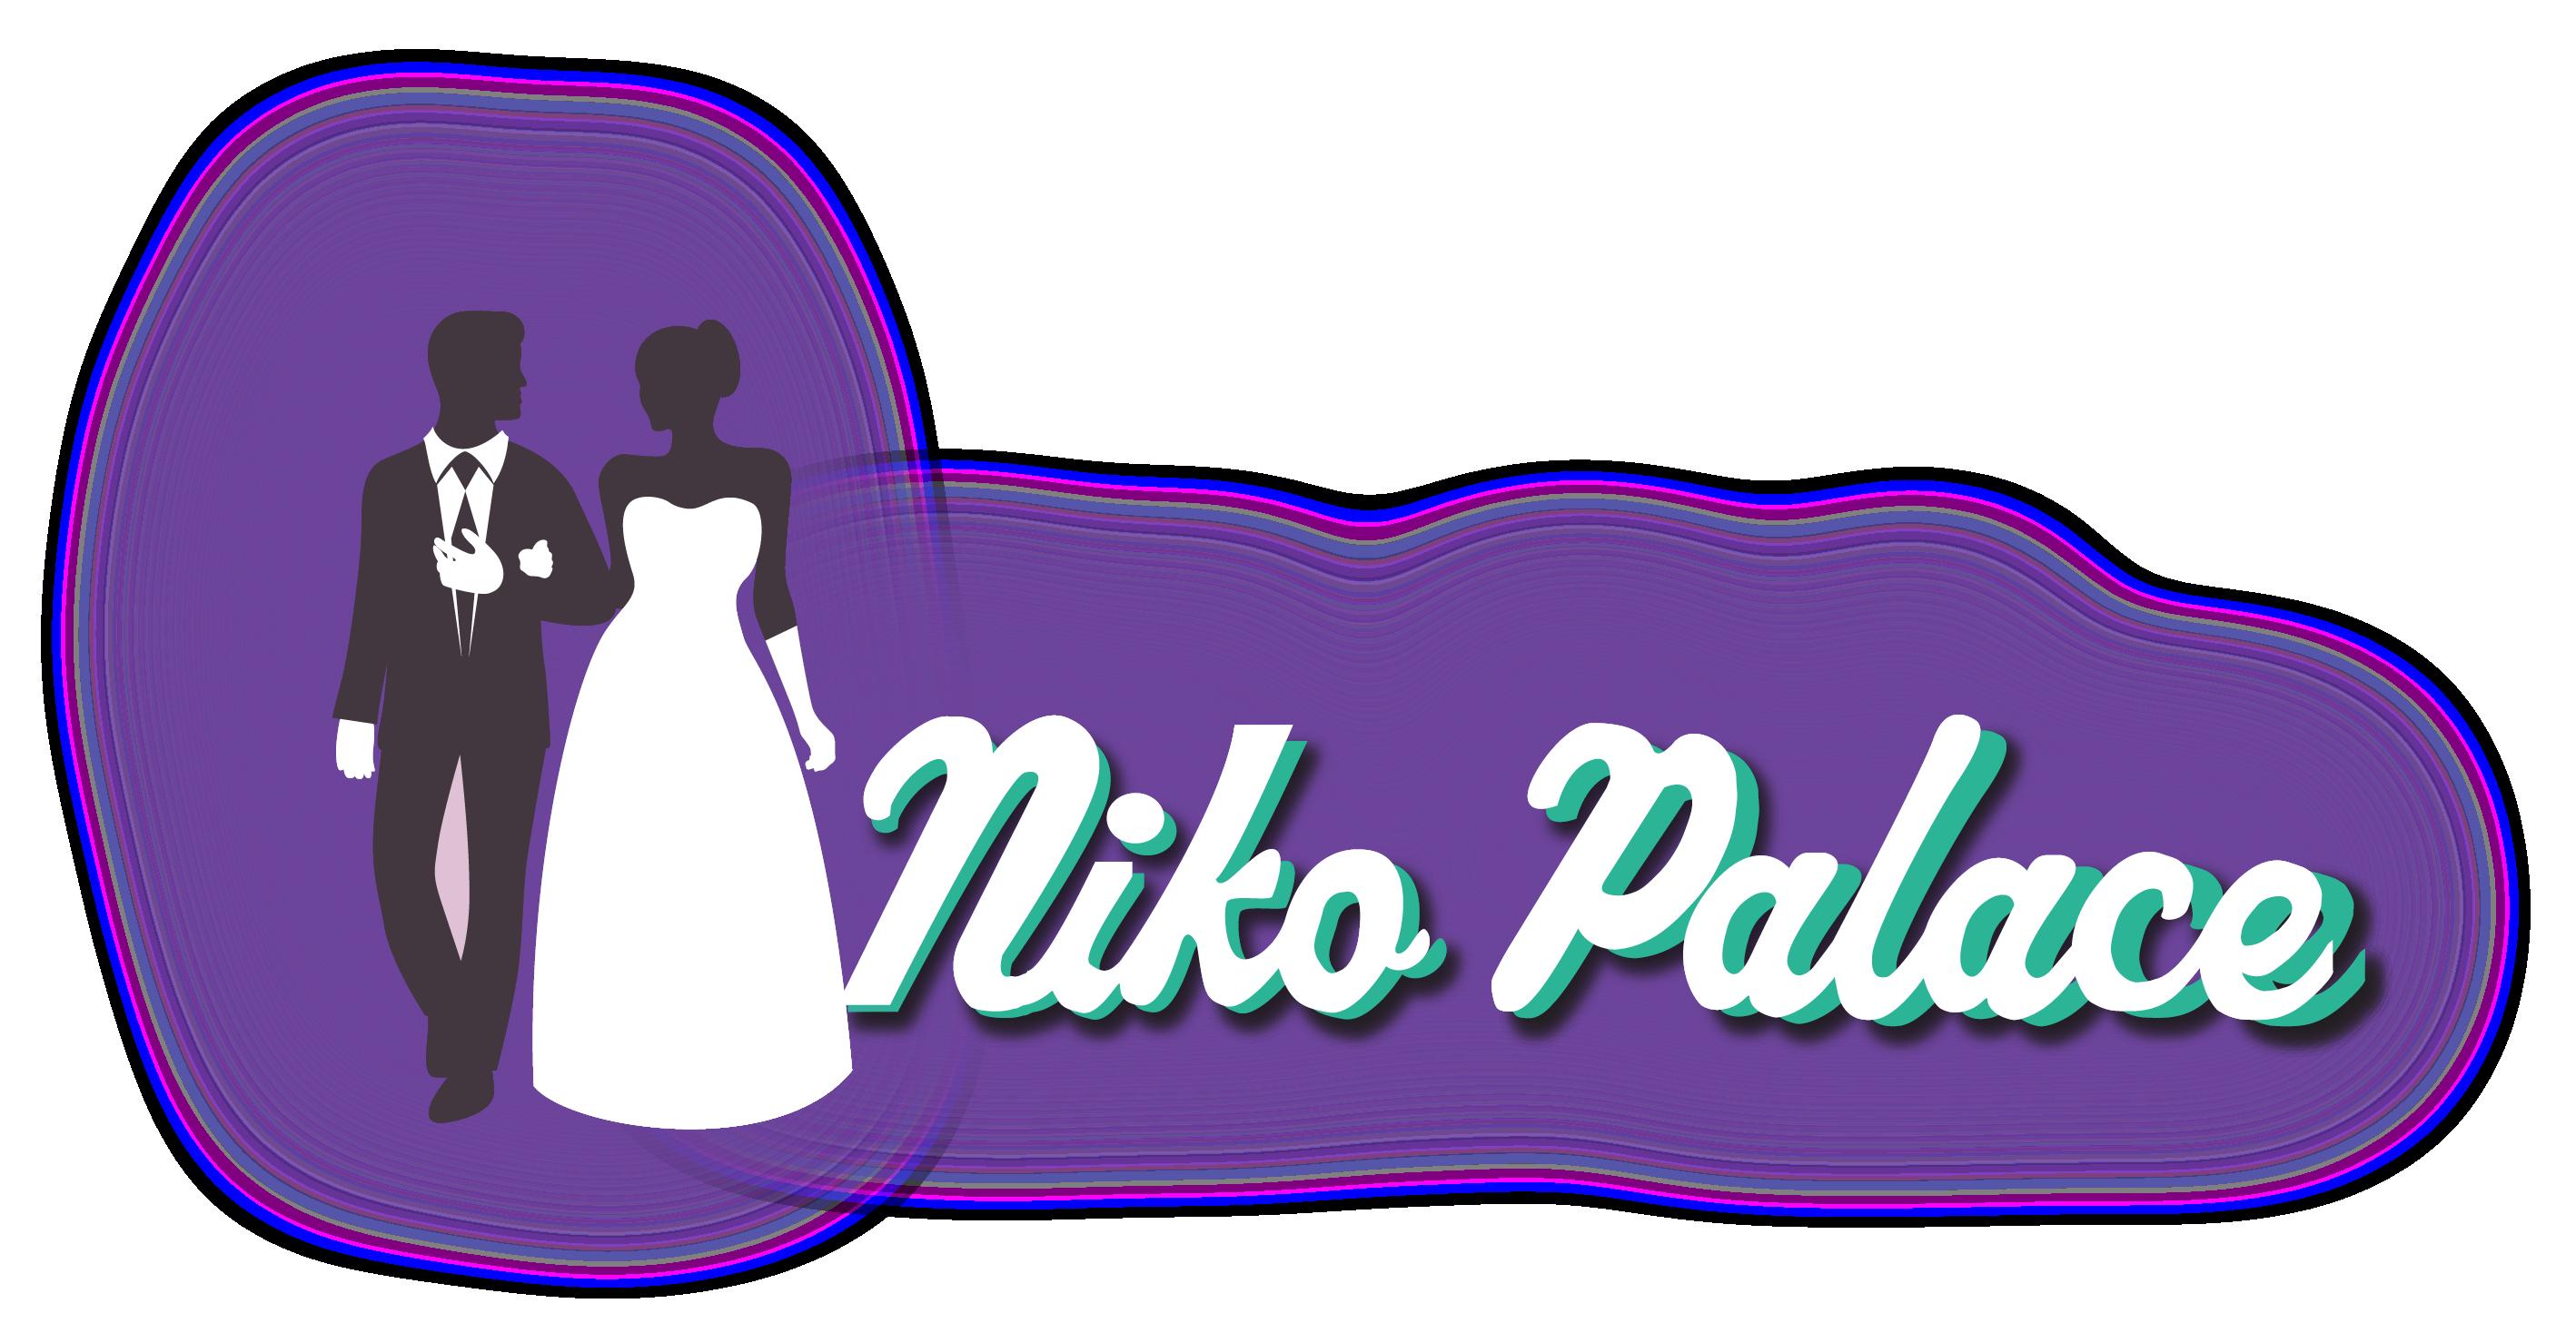 Niko Palace